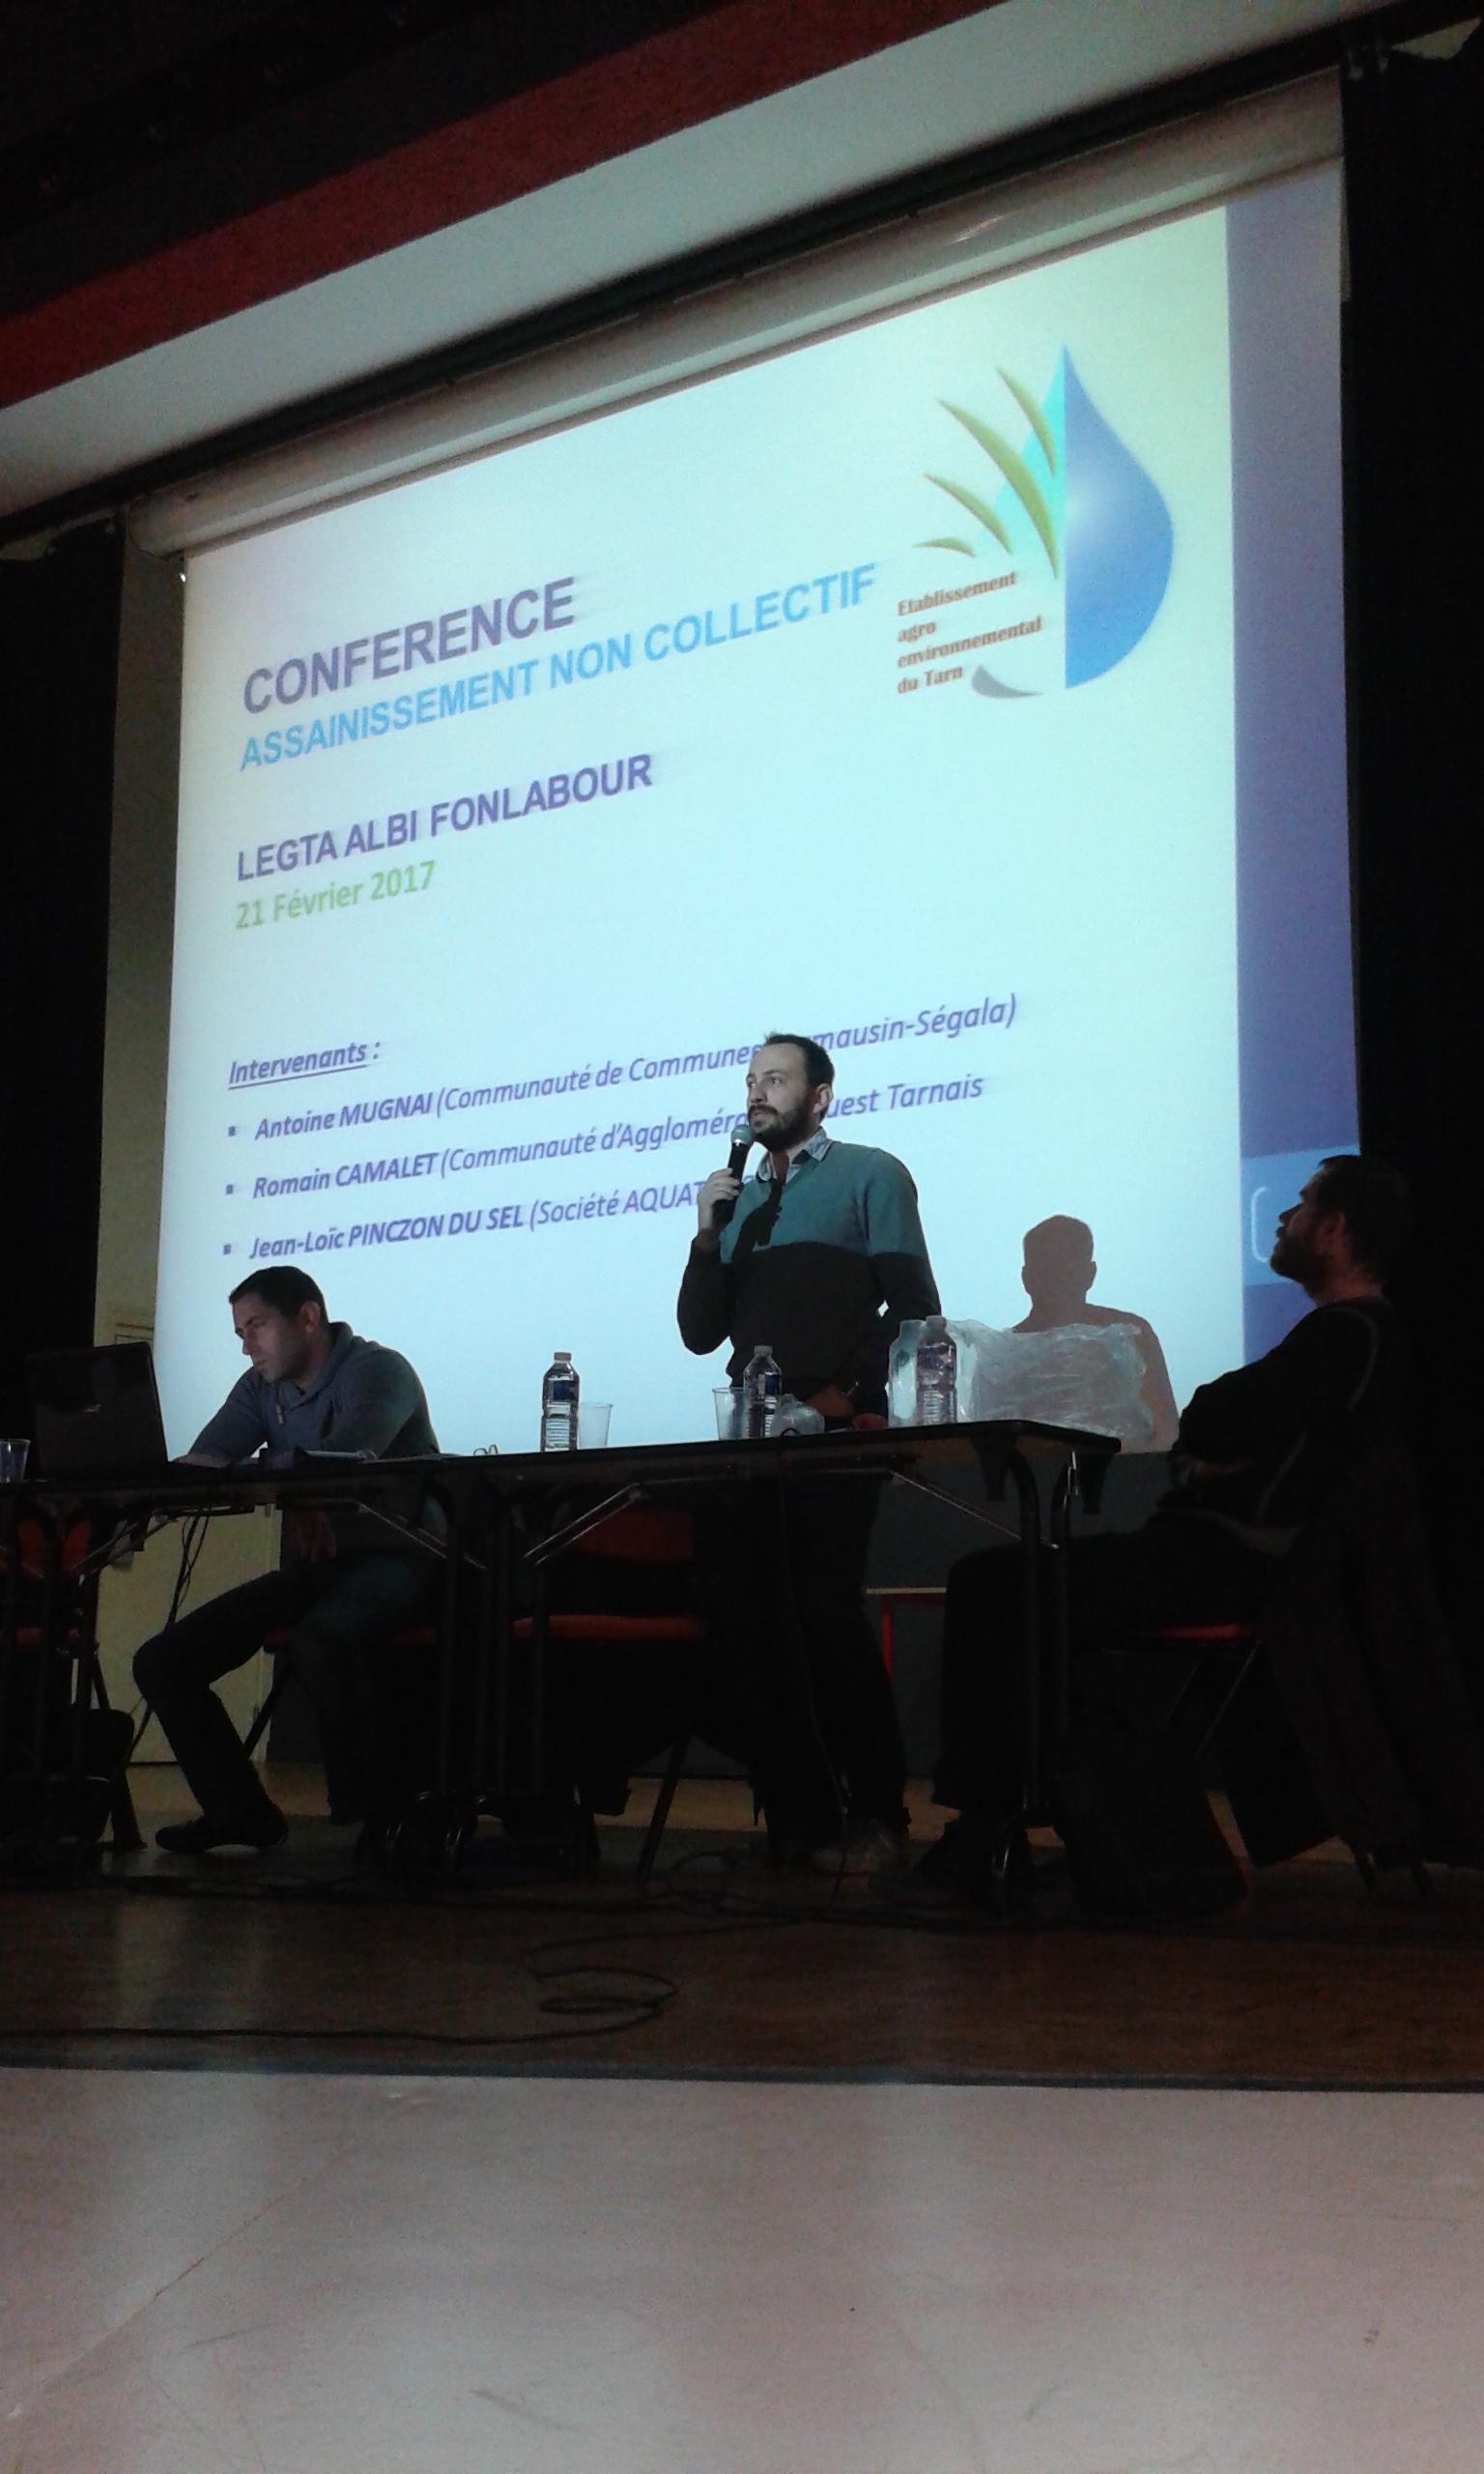 Conf rence sur l assainissement non collectif licence - Bureau d etude assainissement non collectif ...